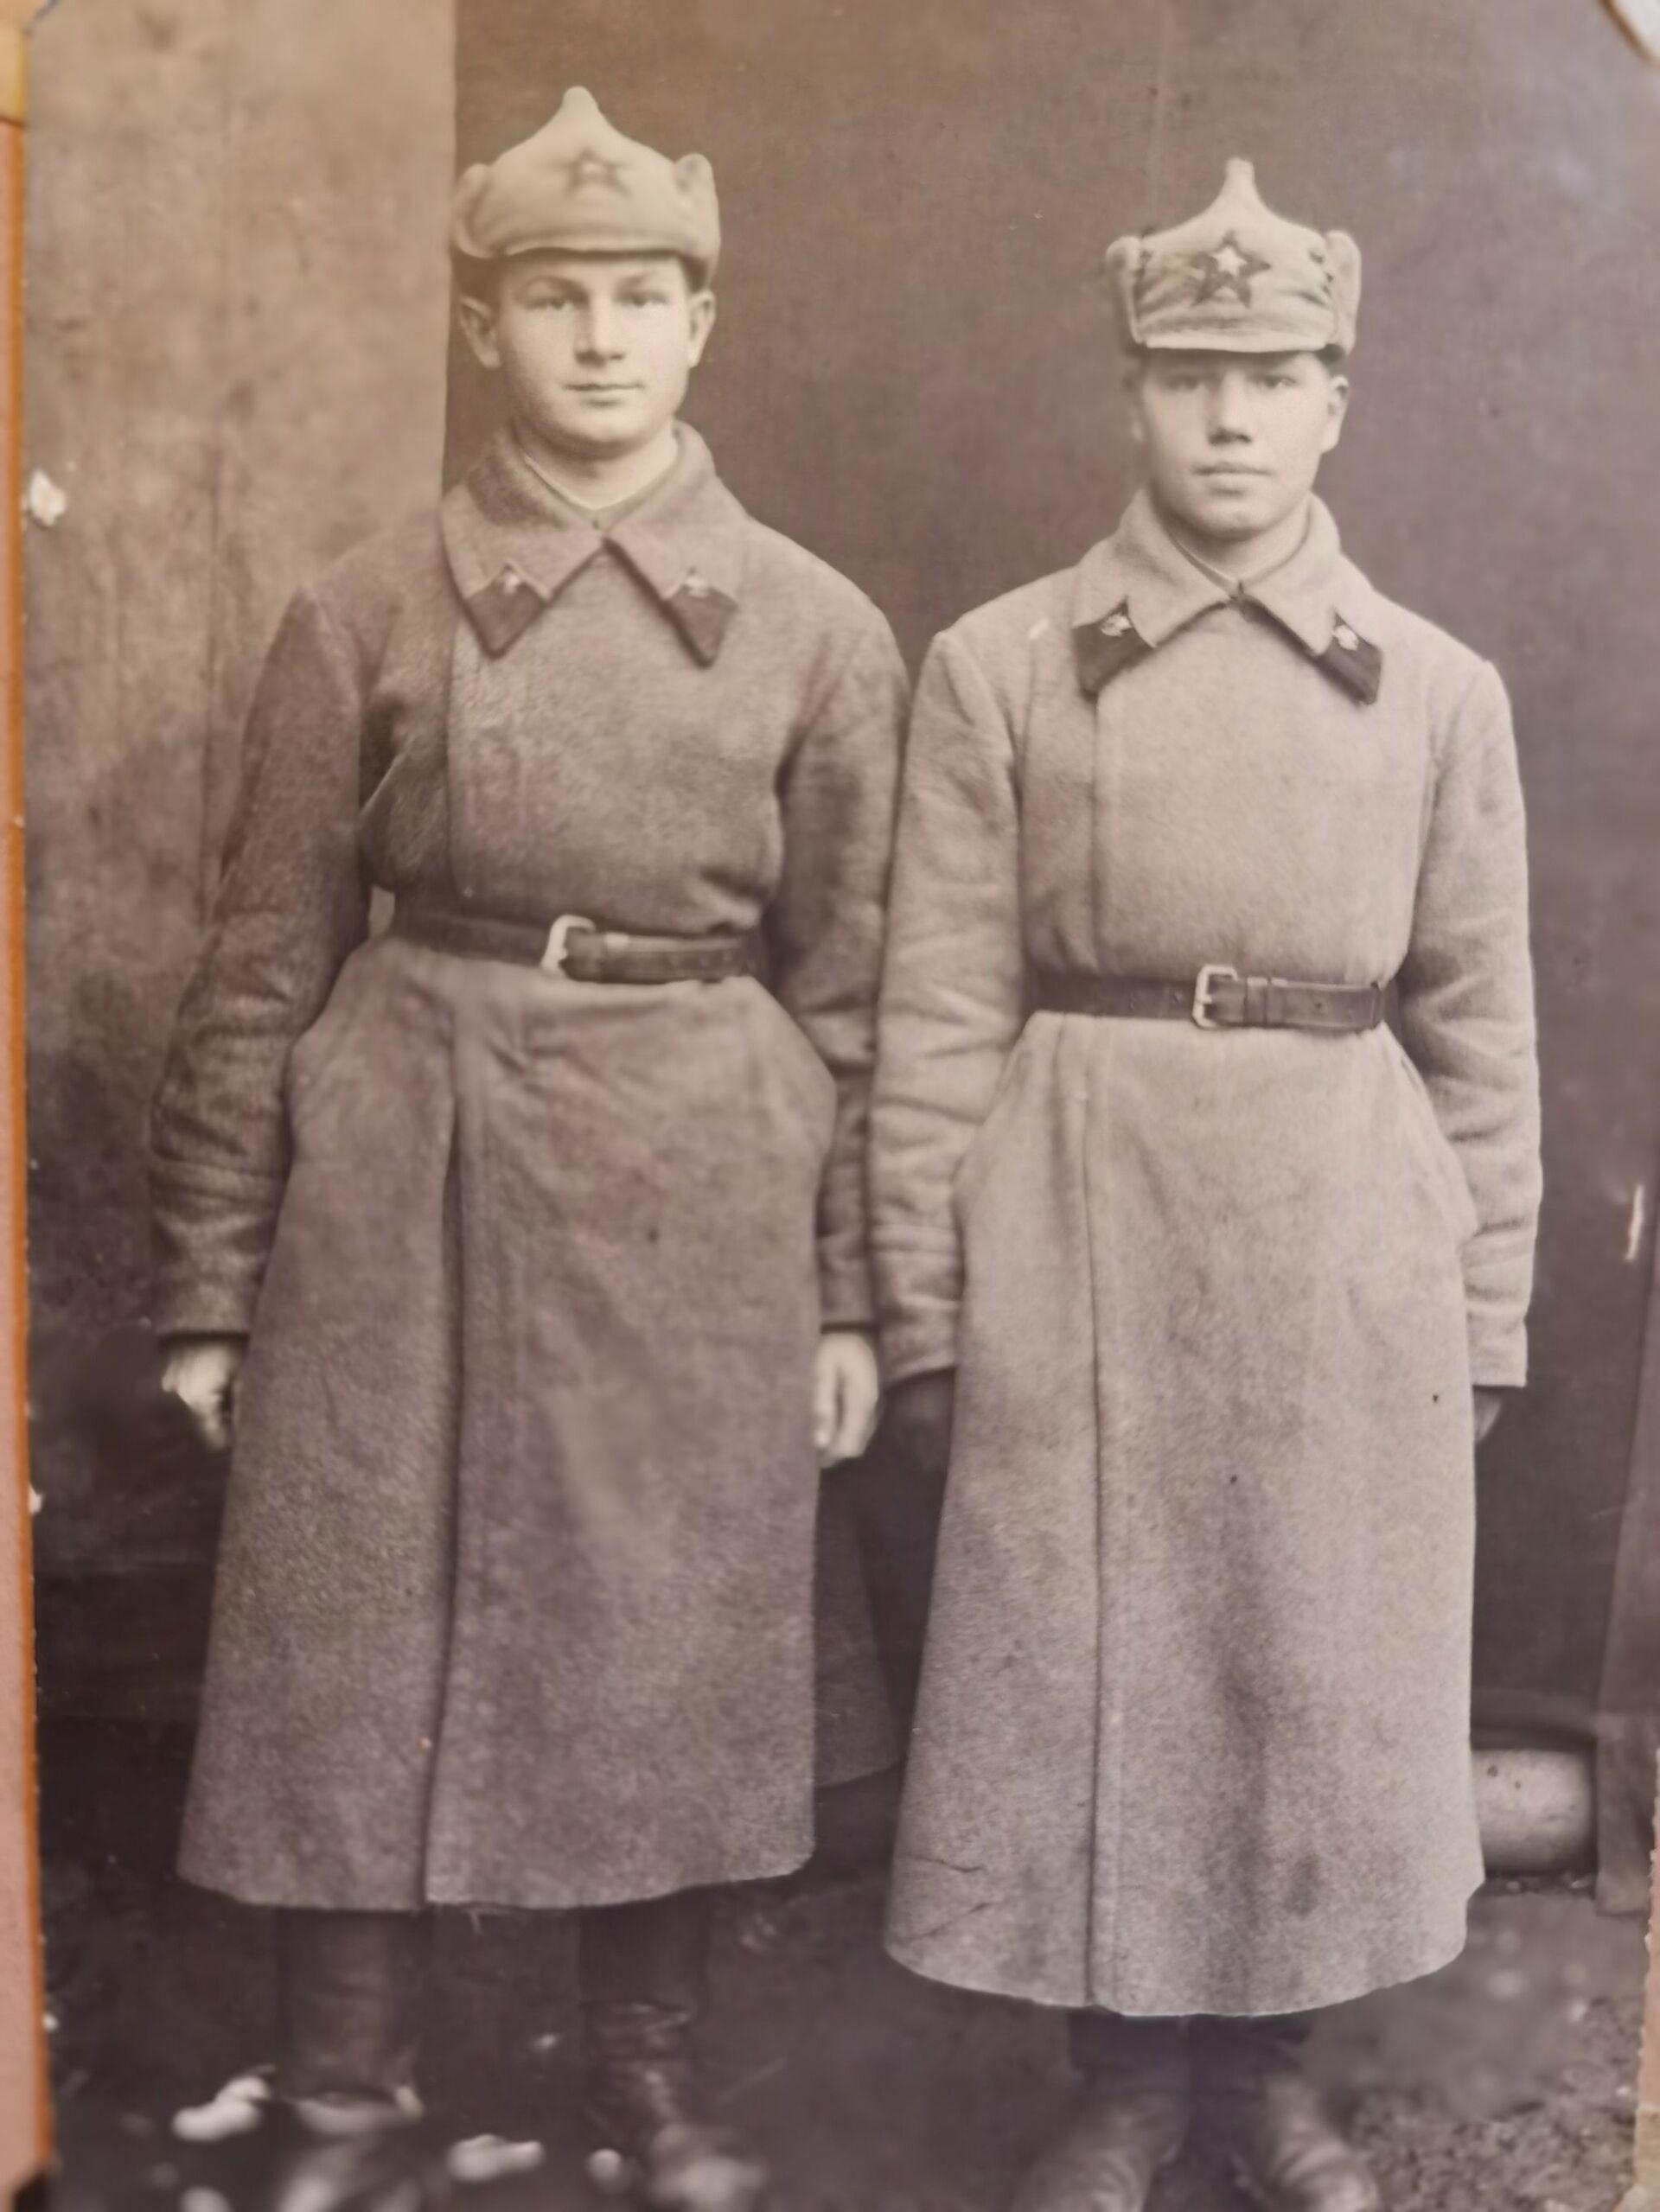 Лисовский после призыва в армию - Sputnik Беларусь, 1920, 29.06.2021